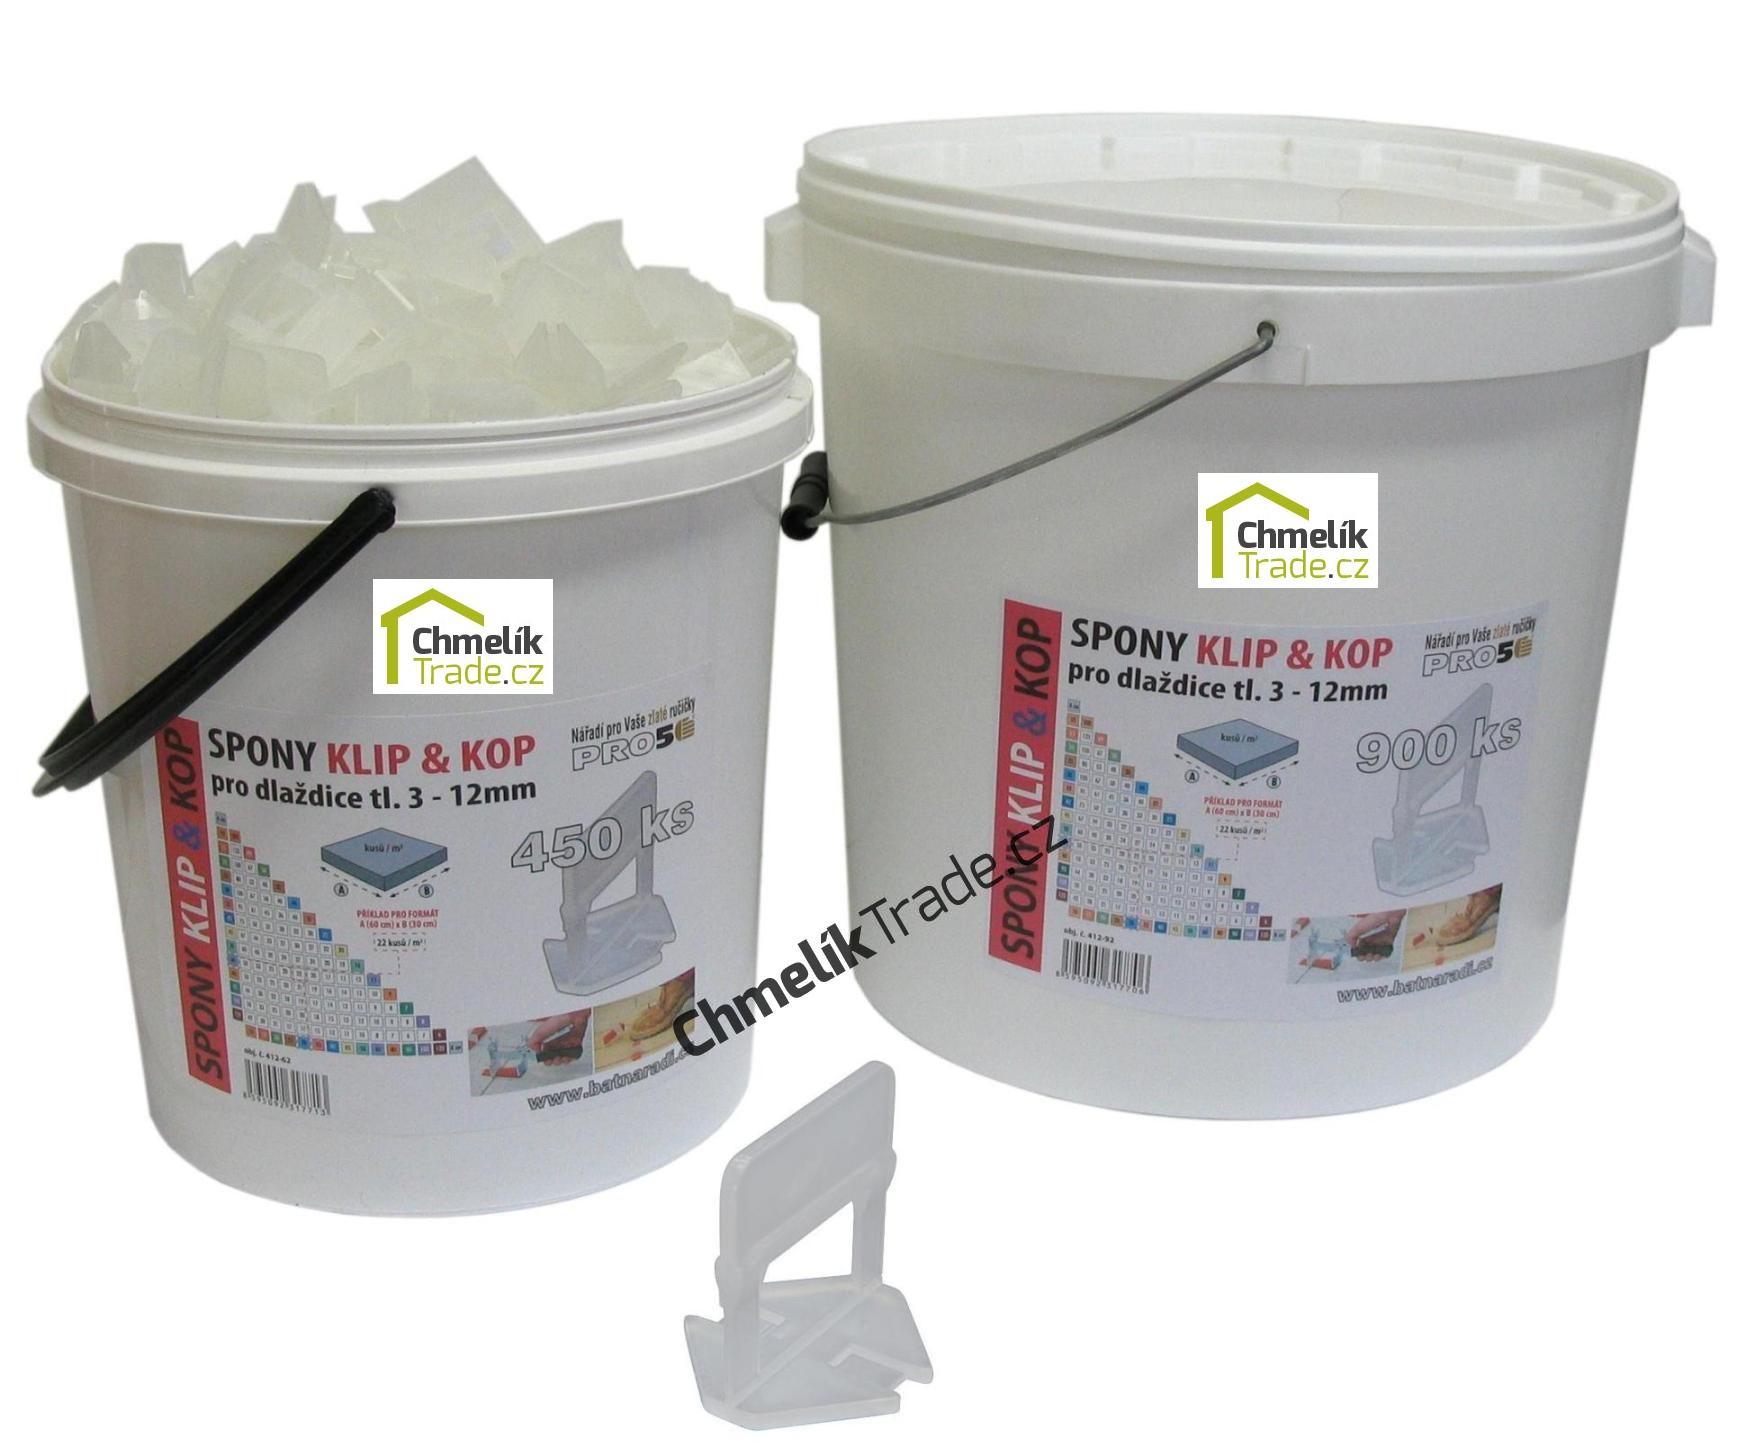 Spona KLIP & KOP pro tl. 3-12 mm (450ks/bal) v plastovém kbelíku (Spona KLIP & KOP pro dlaždice tloušťky 3-12 mm.)